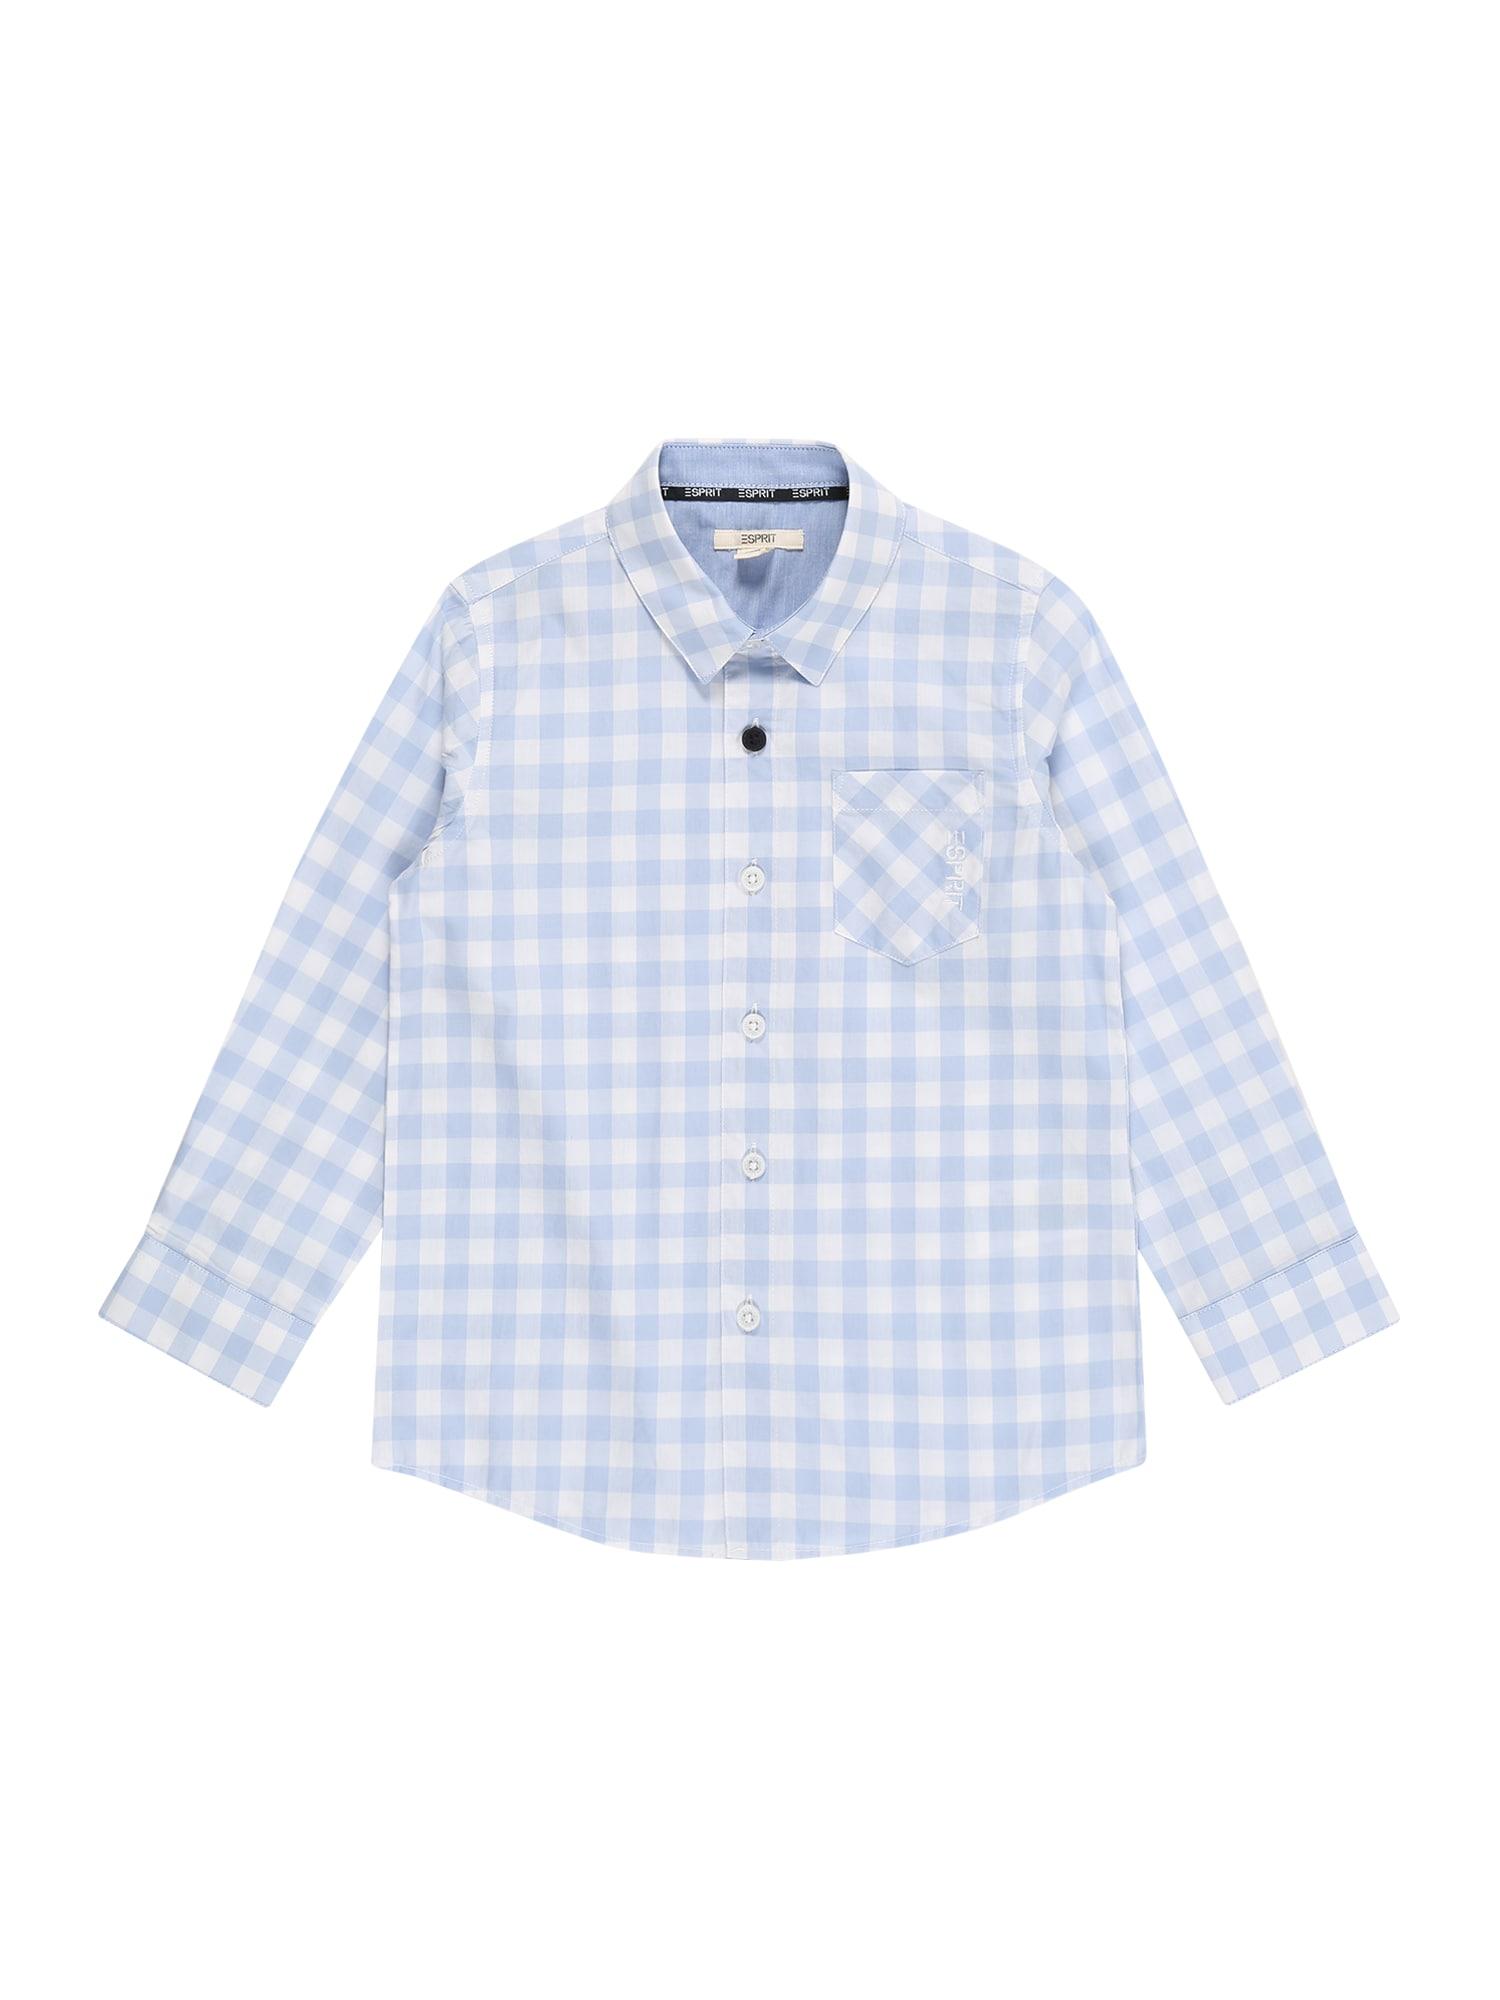 ESPRIT Marškiniai pastelinė mėlyna / balta